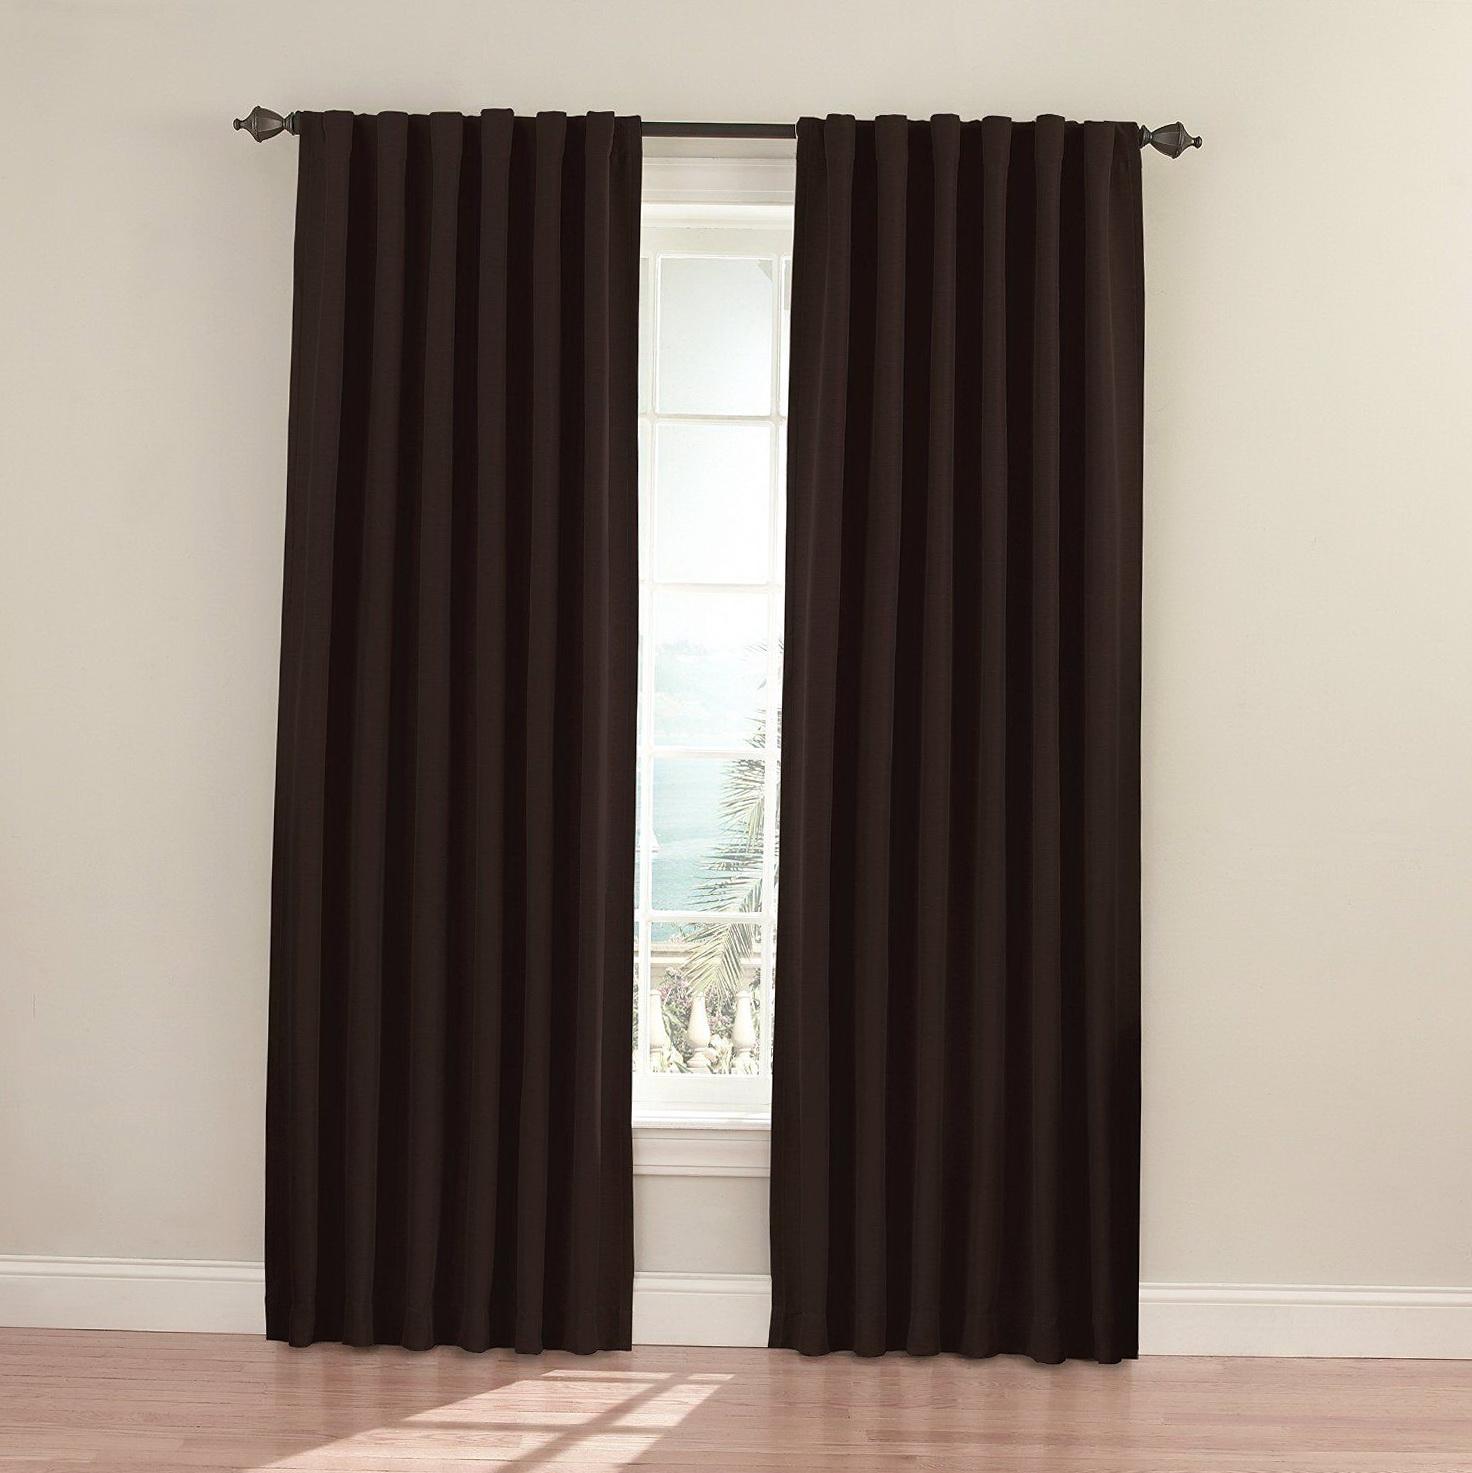 Amazon Curtains Blackout: Eclipse Blackout Curtains Amazon